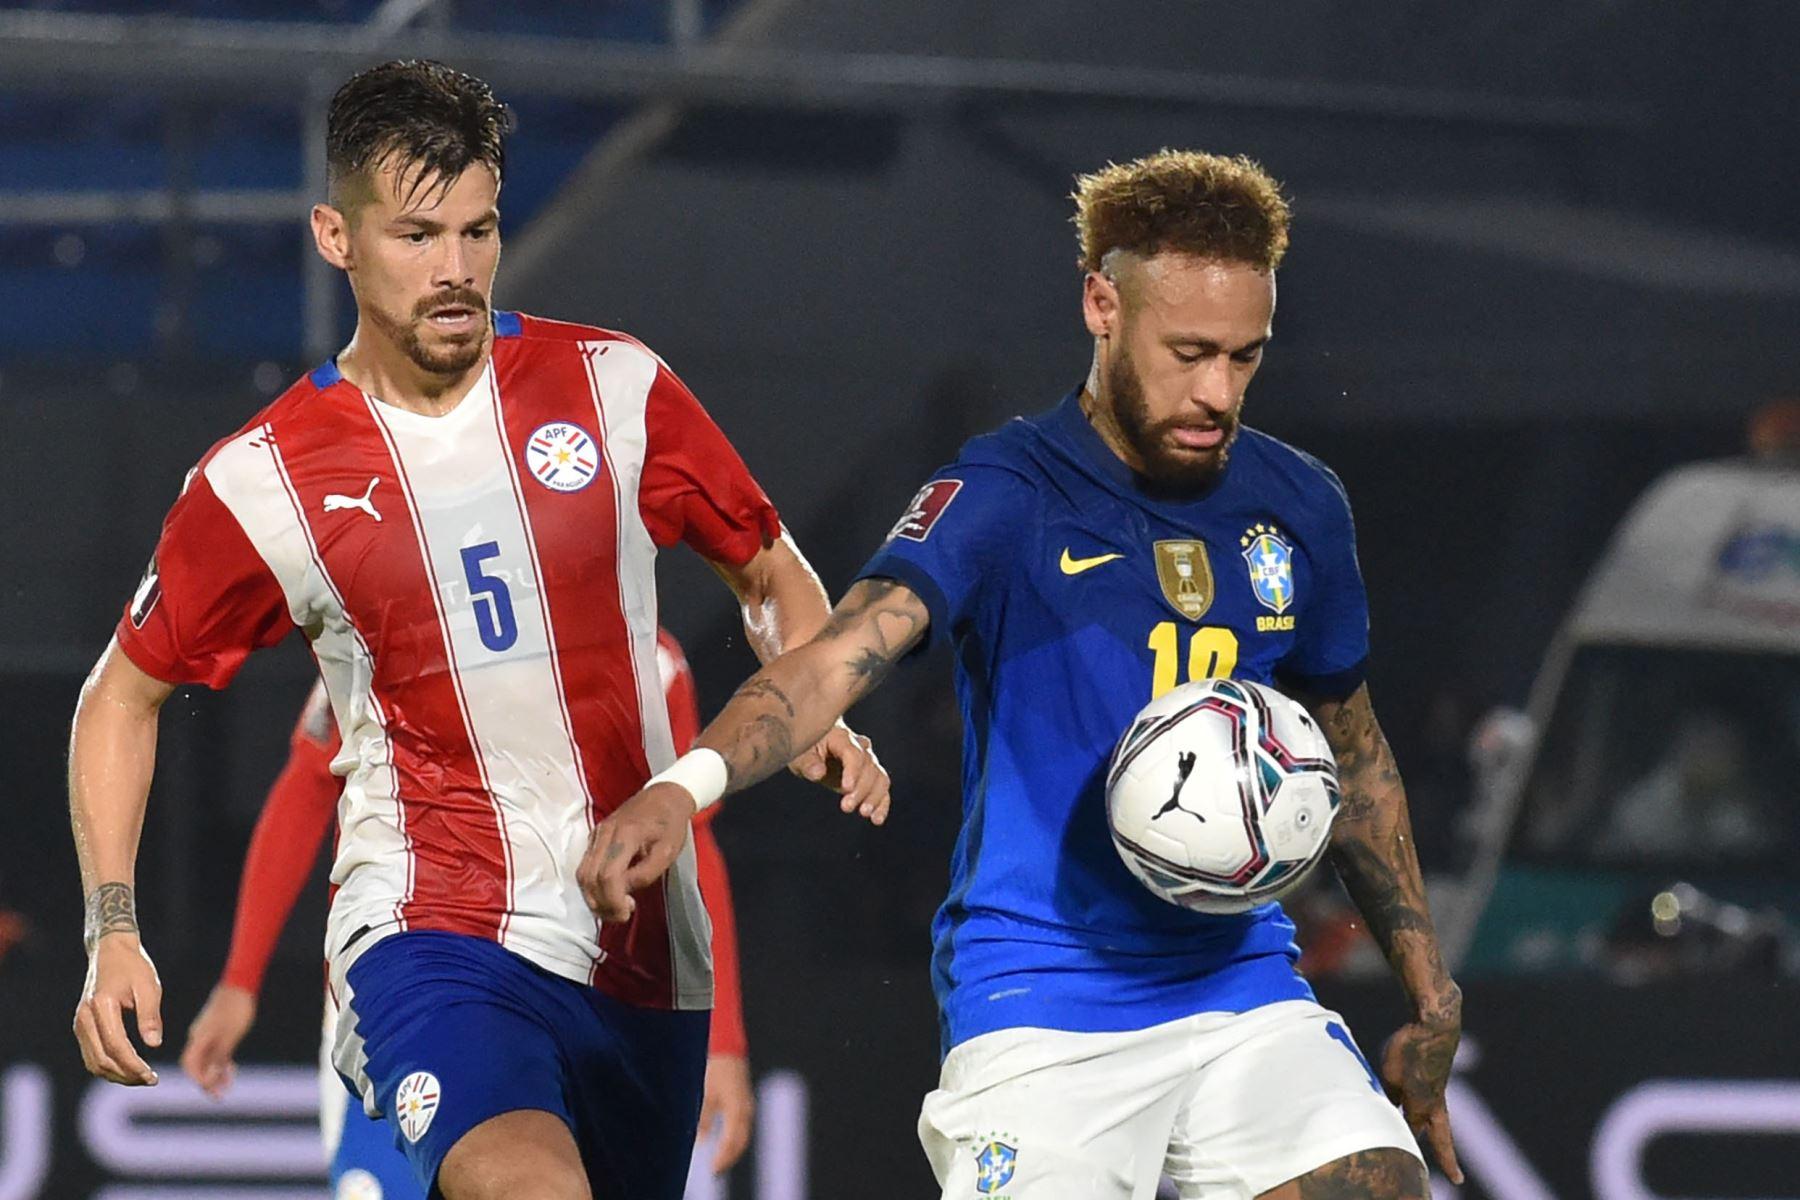 El brasileño Neymar y el paraguayo Gastón Giménez compiten por el balón durante el partido de clasificación sudamericano para la Copa Mundial de la FIFA Qatar 2022 en el Estadio Defensores del Chaco en Asunción. Foto: AFP